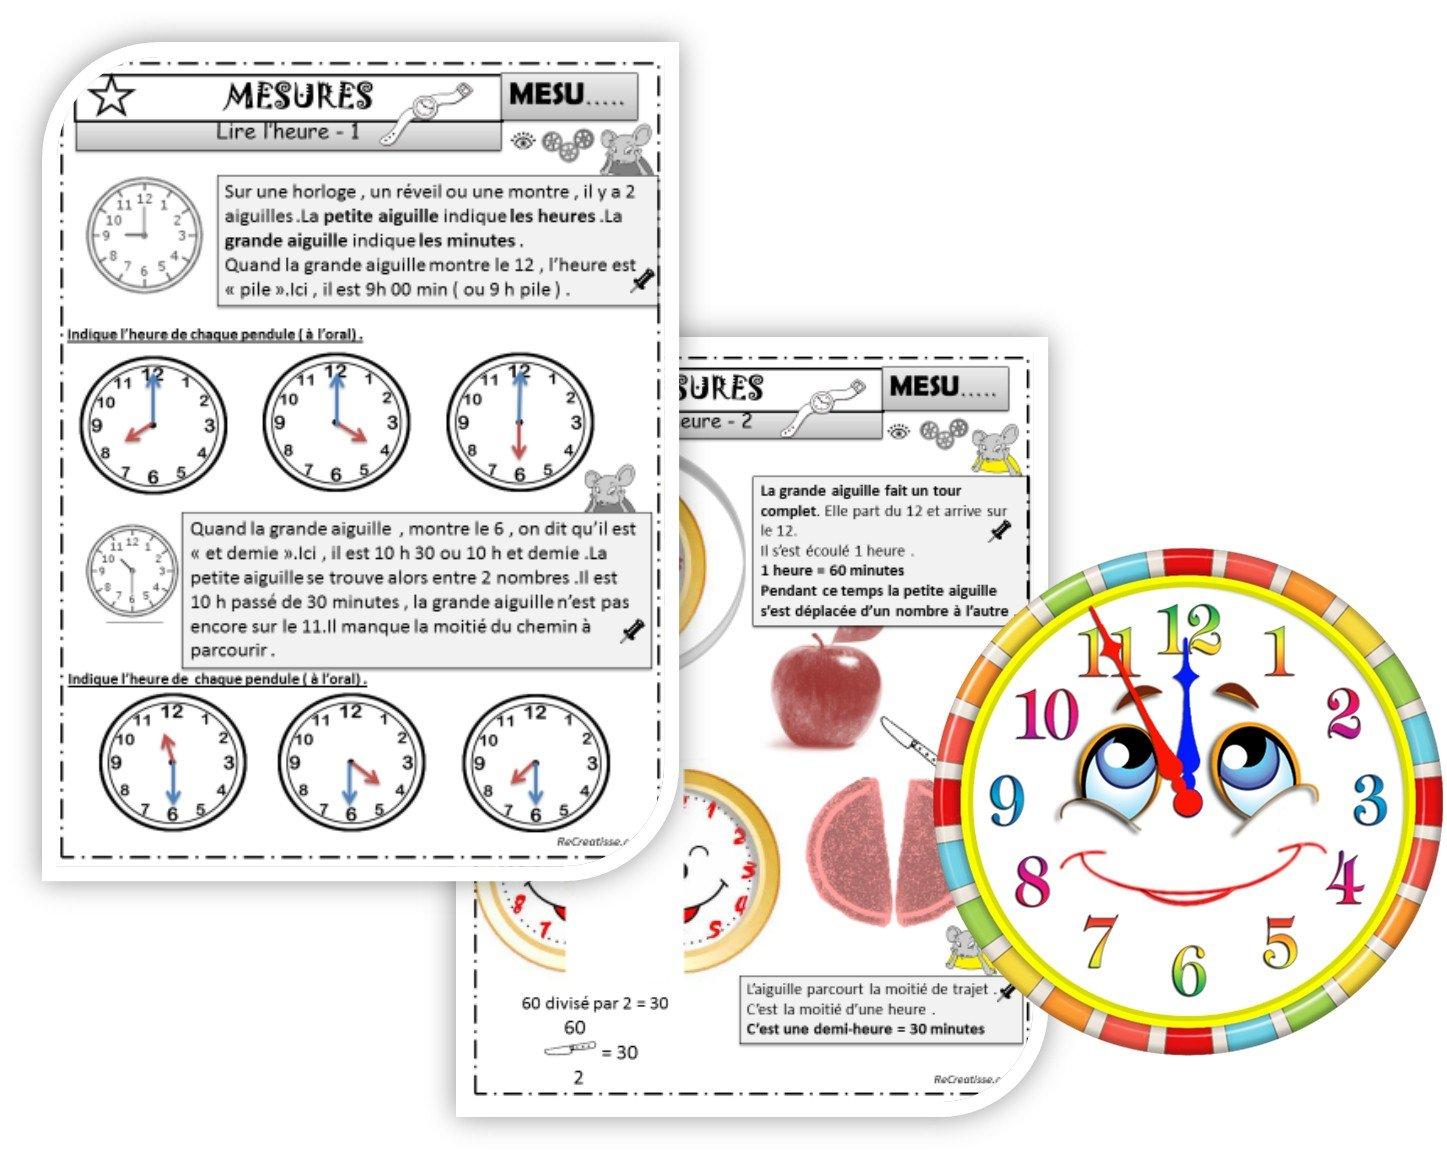 Séquence mesures : Le temps qui passe - l'heure • ReCreatisse